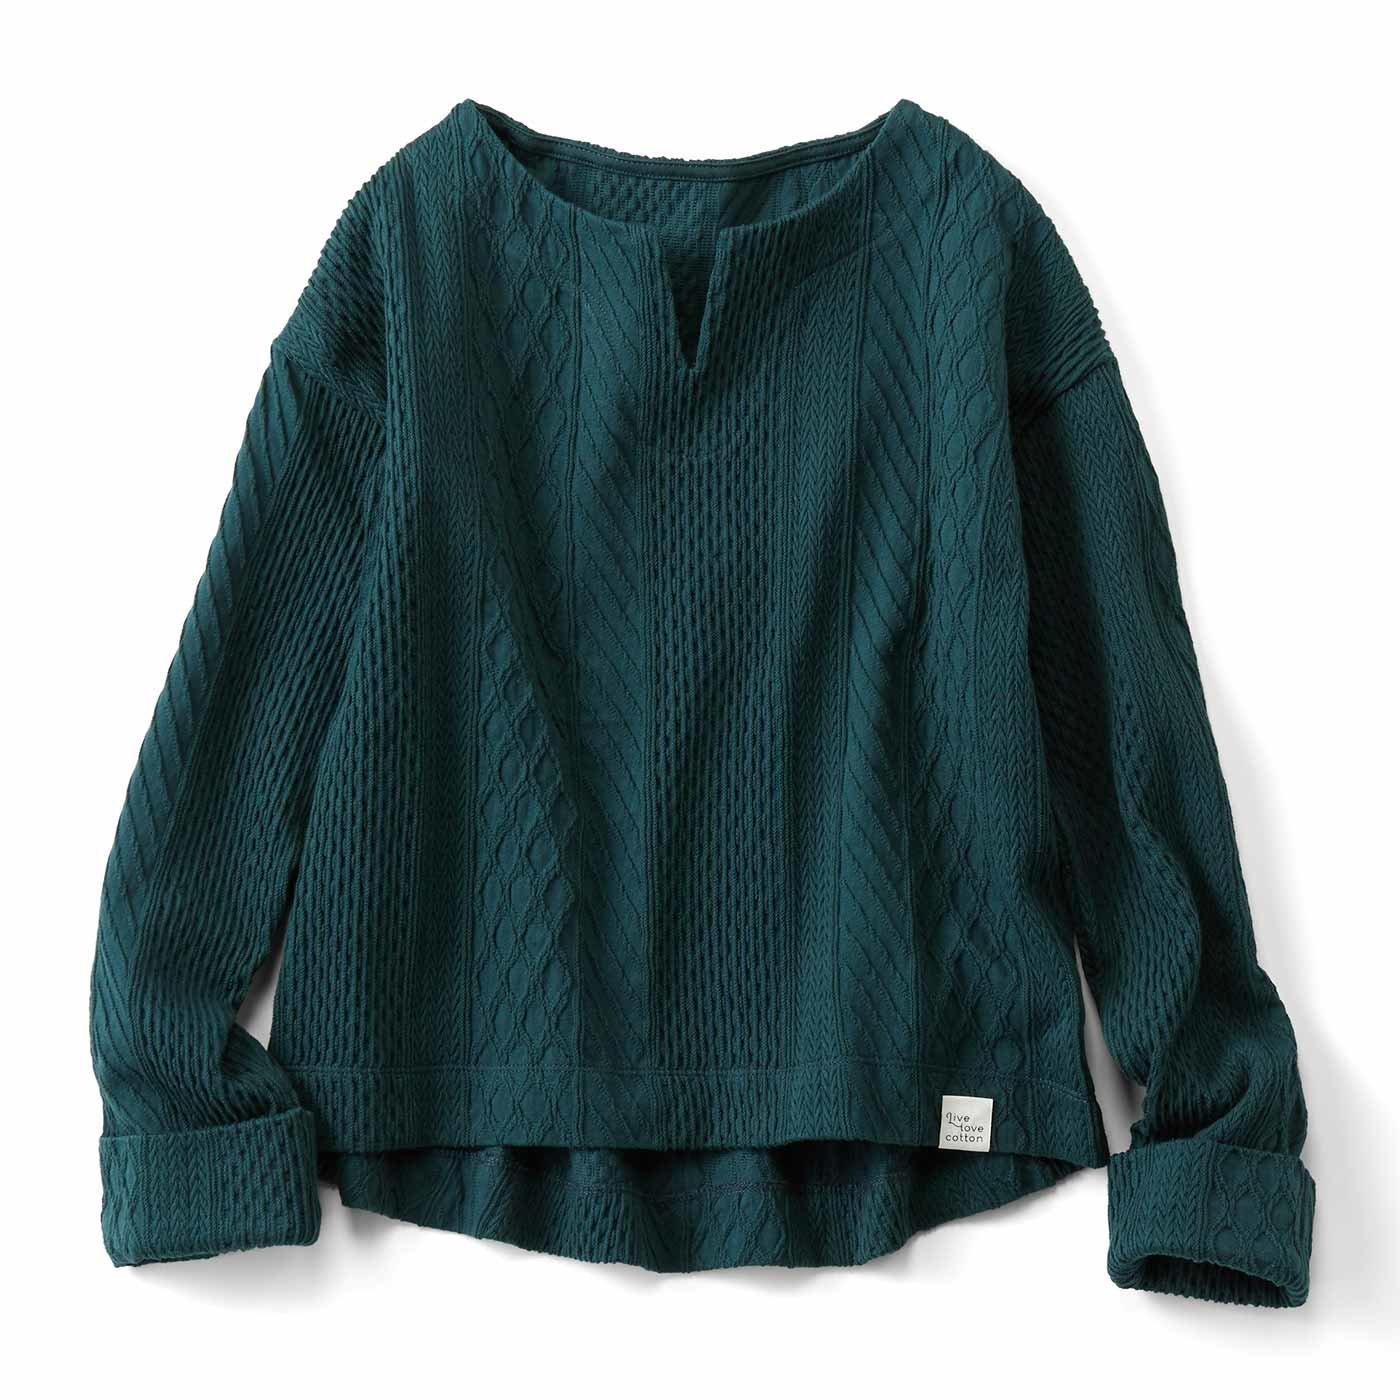 Live love cottonプロジェクト リブ イン コンフォート 柄編みが素敵な厚手オーガニックコットントップス〈グリーン〉